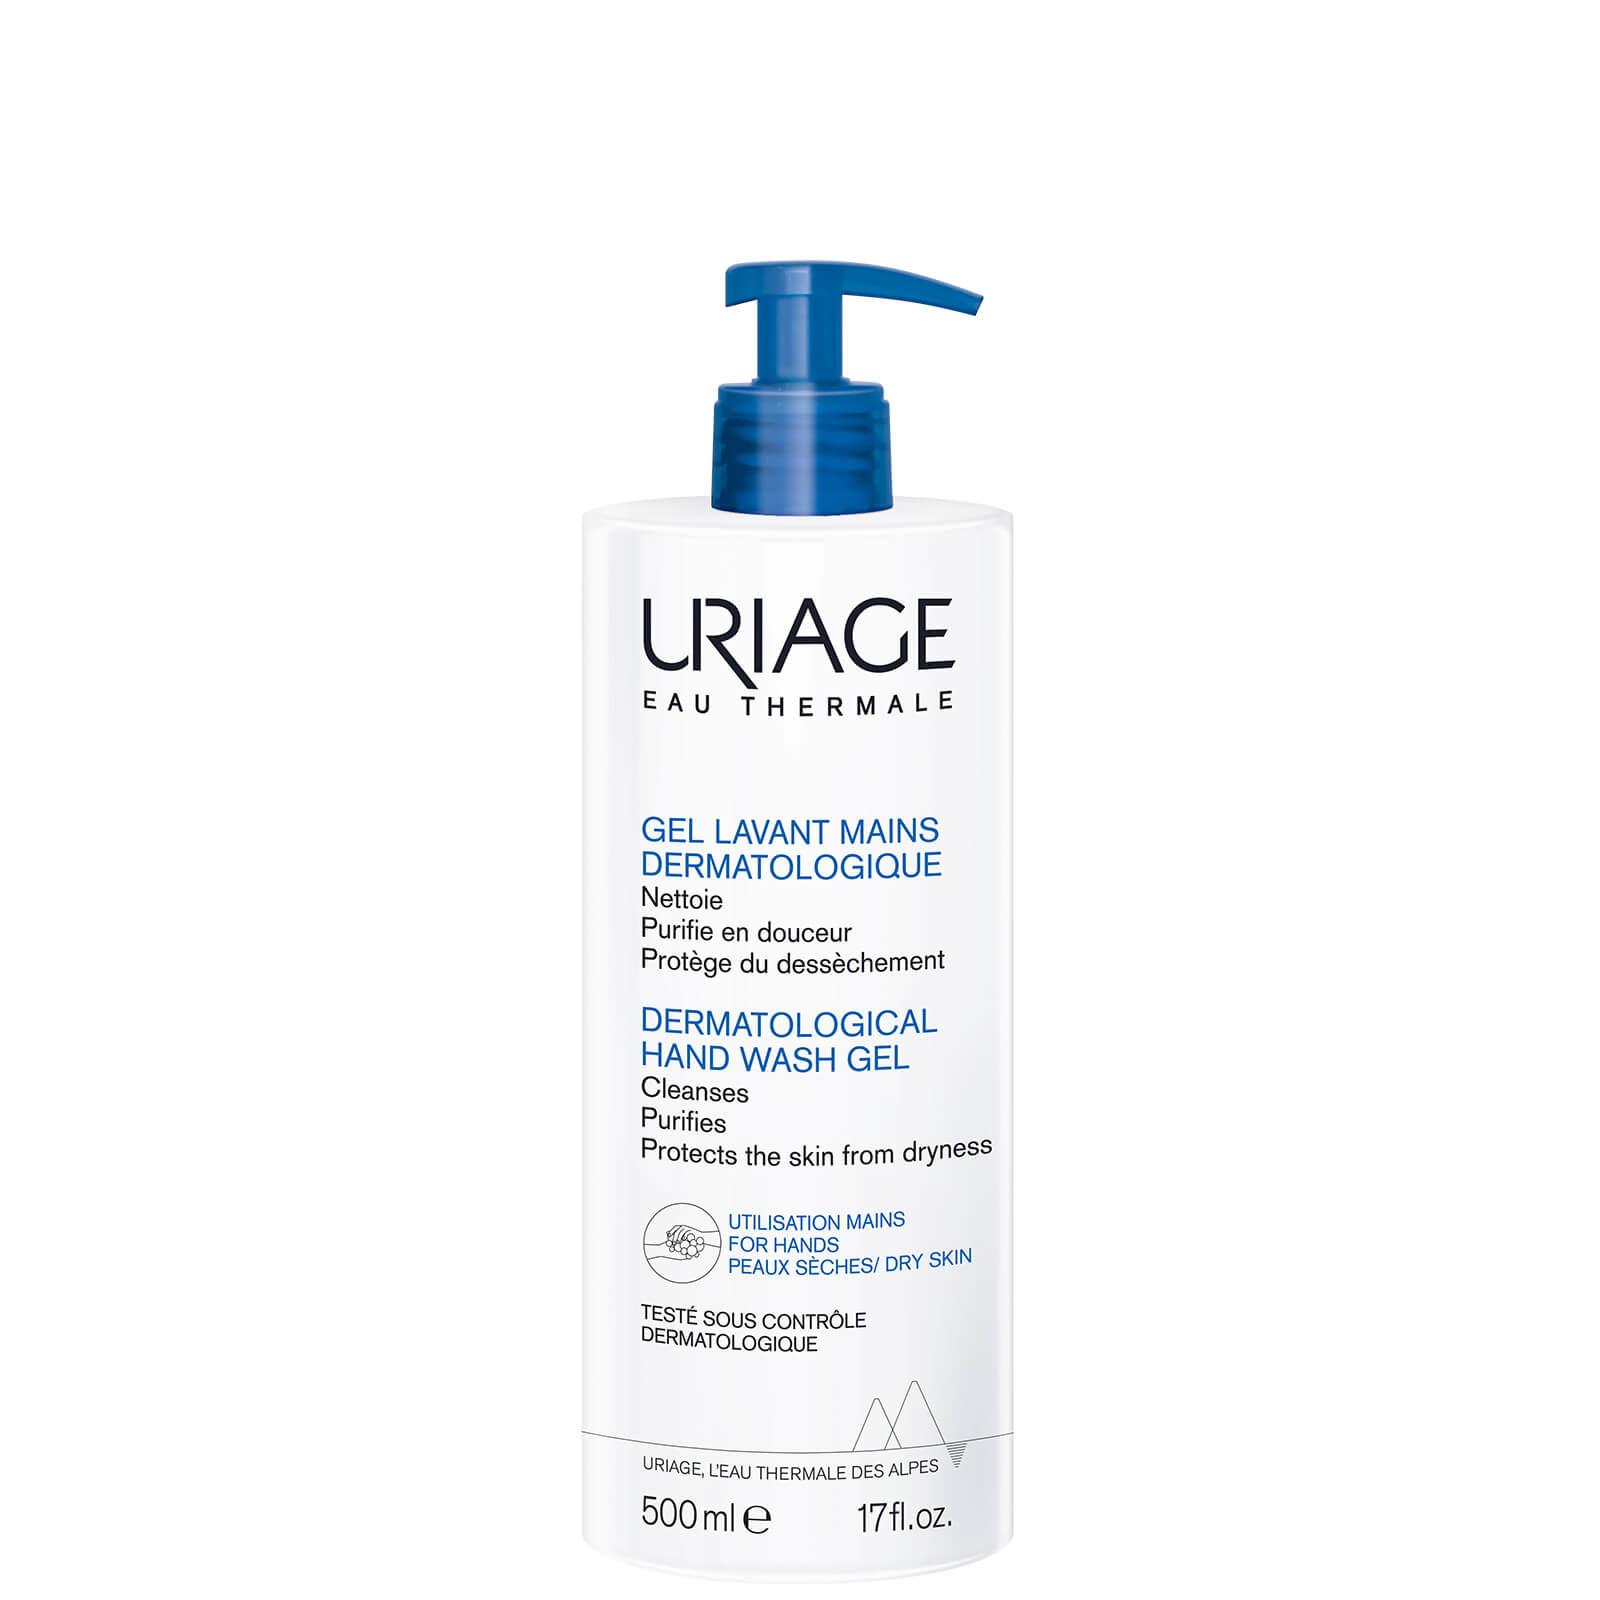 Купить Uriage Дерматологический гель для мытья рук 500 мл